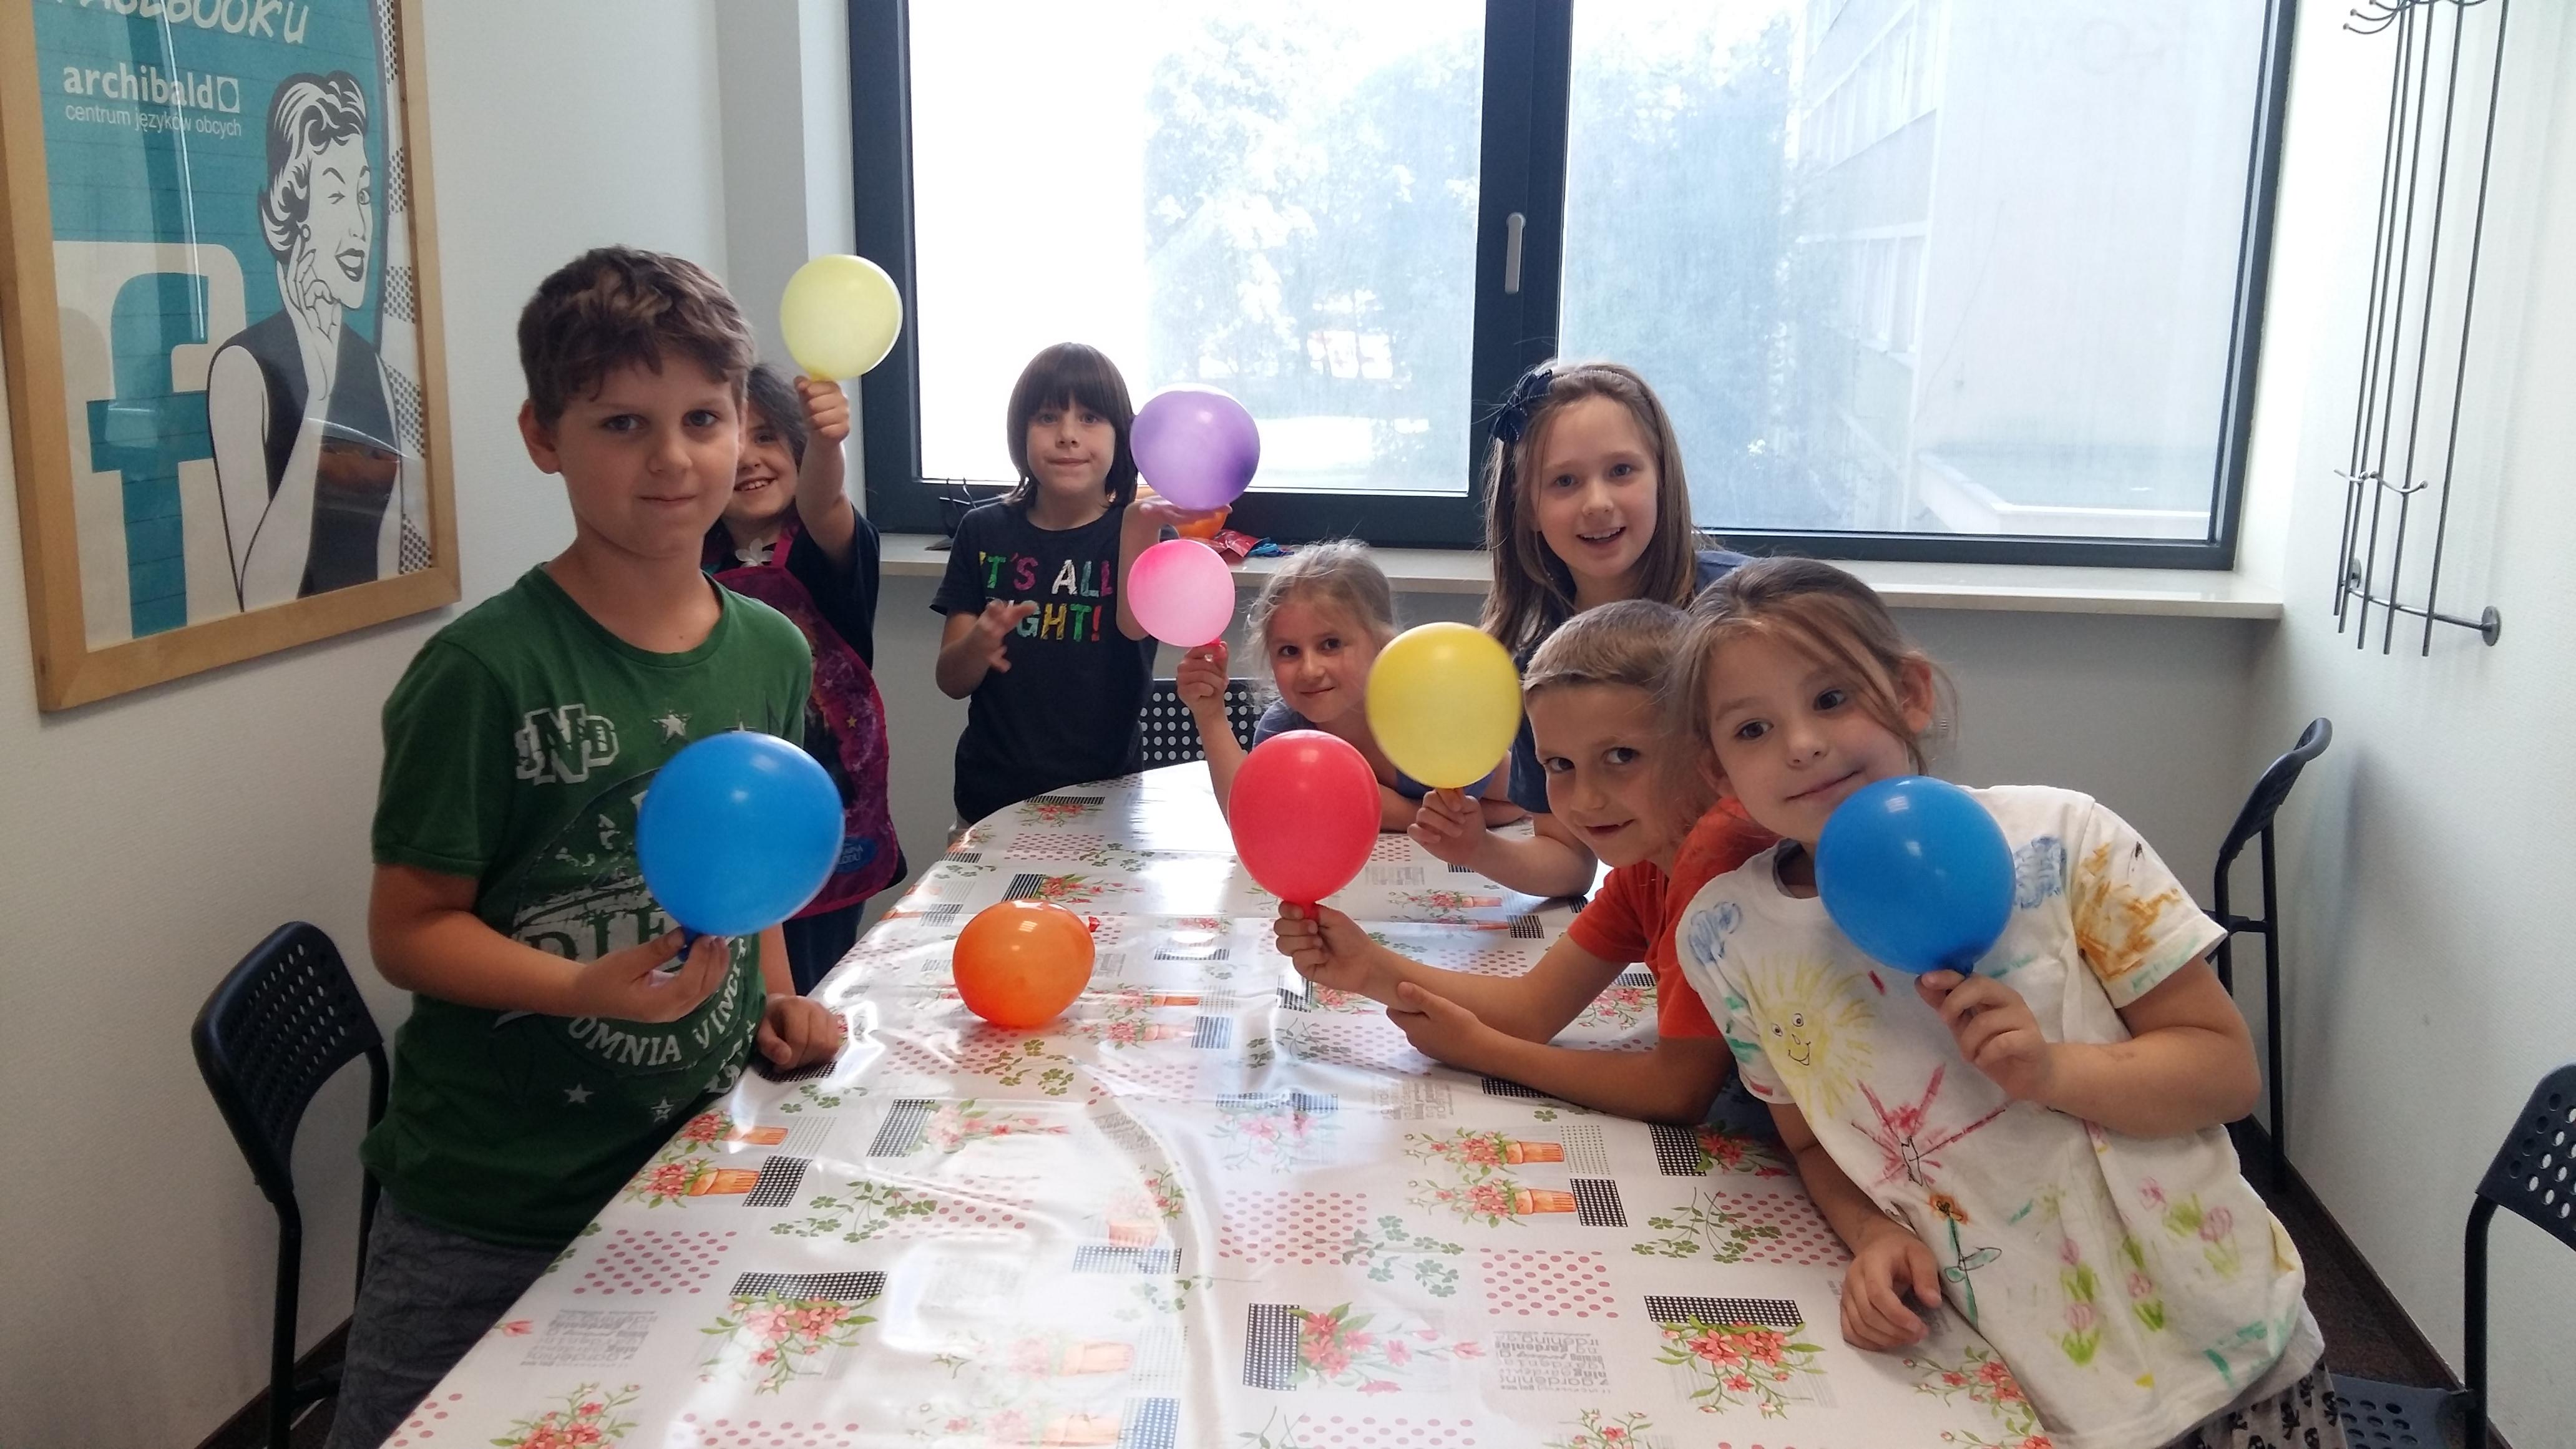 angielski dla dzieci archibald kids warszawa1